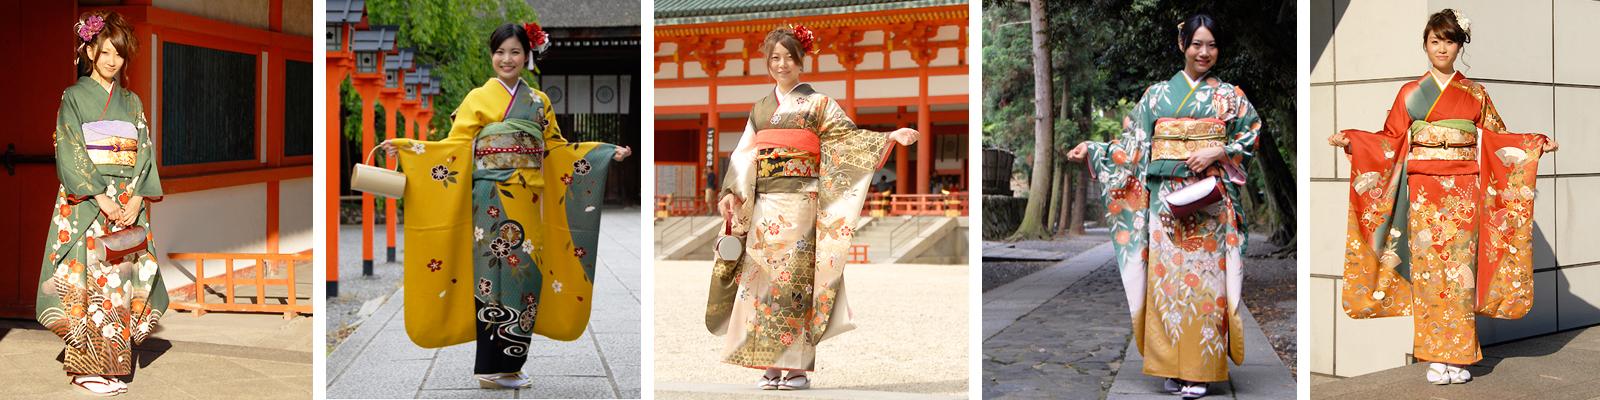 京都振袖レンタル「古典柄にこだわった振袖」